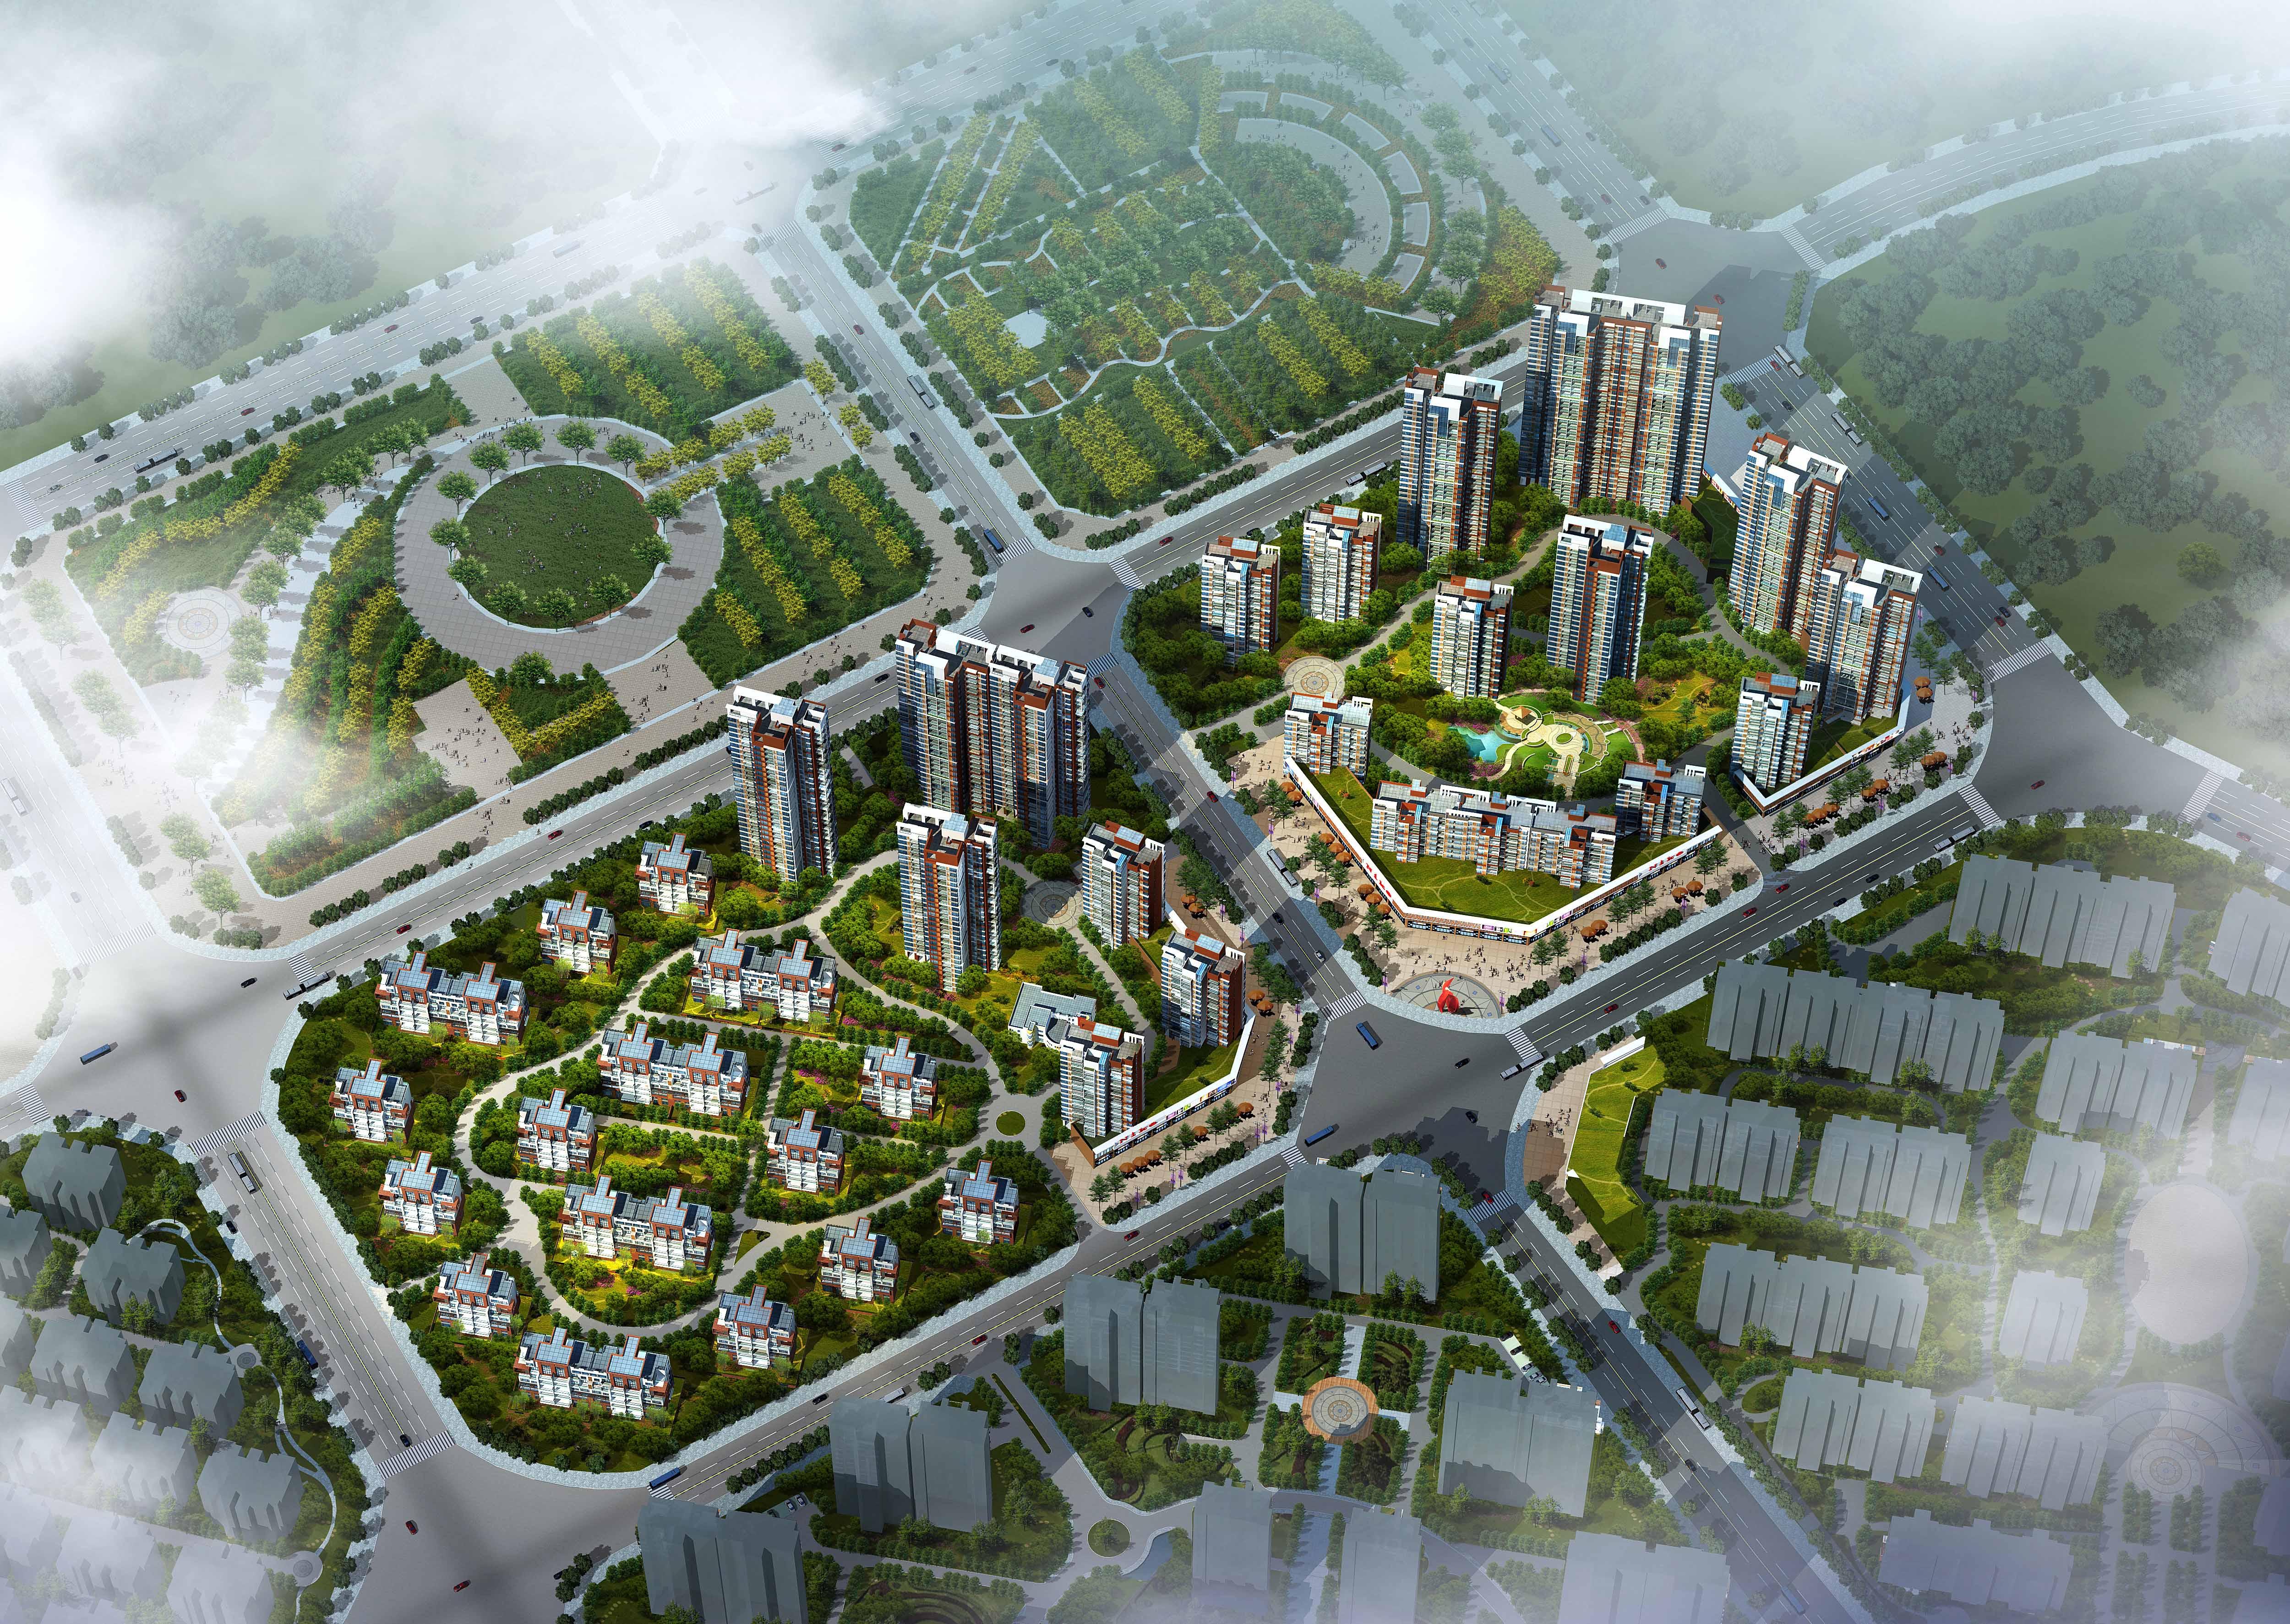 尚城-沂龍灣04,05地塊住宅小區鳥瞰圖